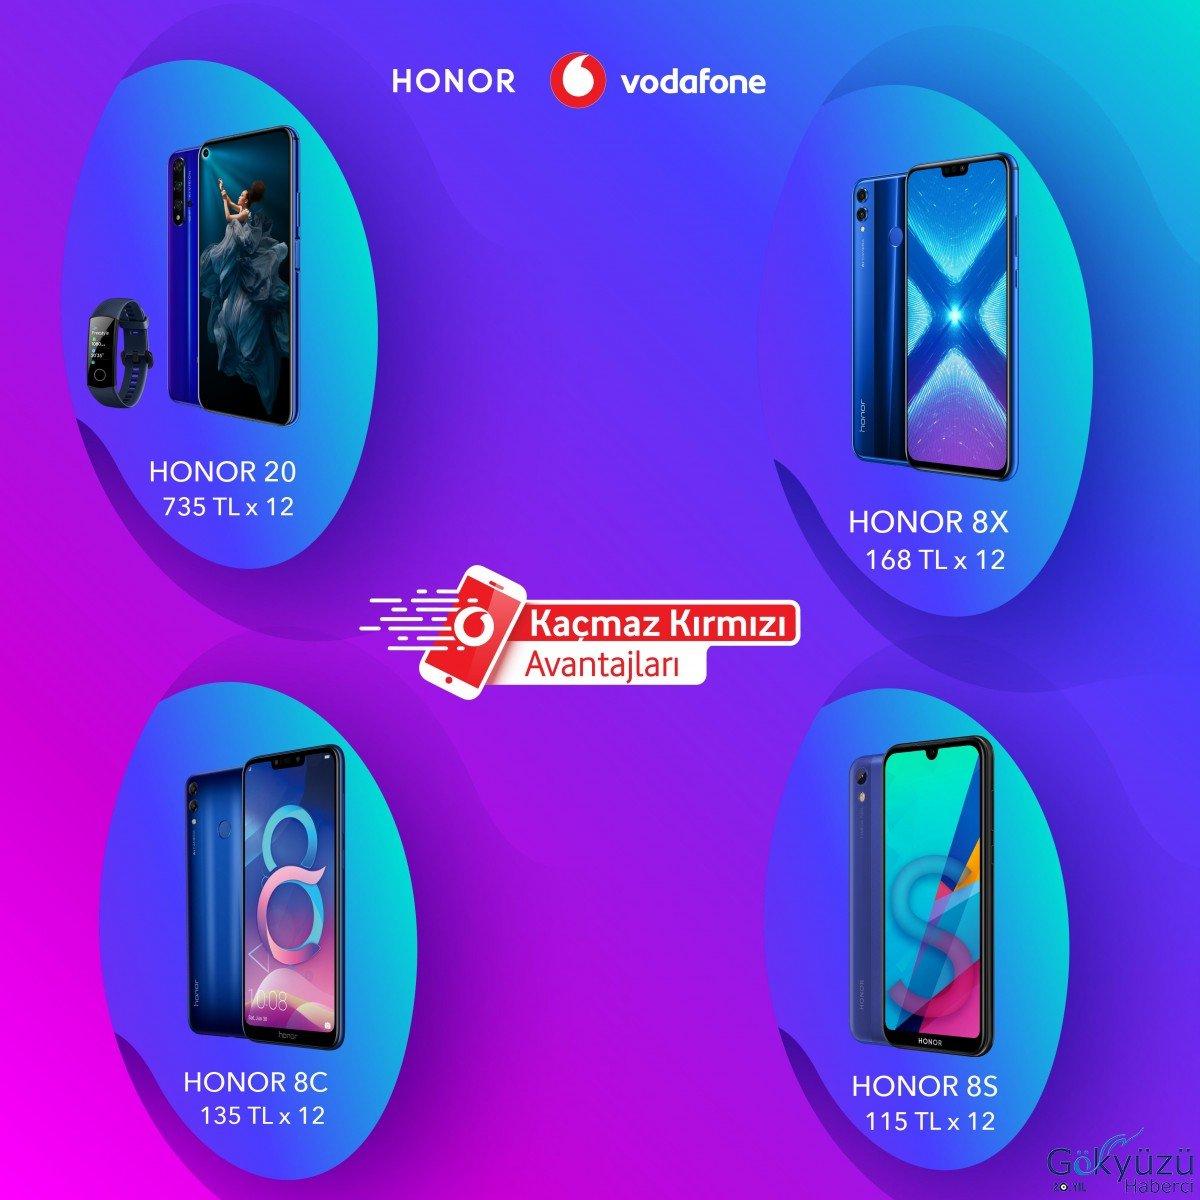 Vodafone Kaçmaz Kırmızı Günleri